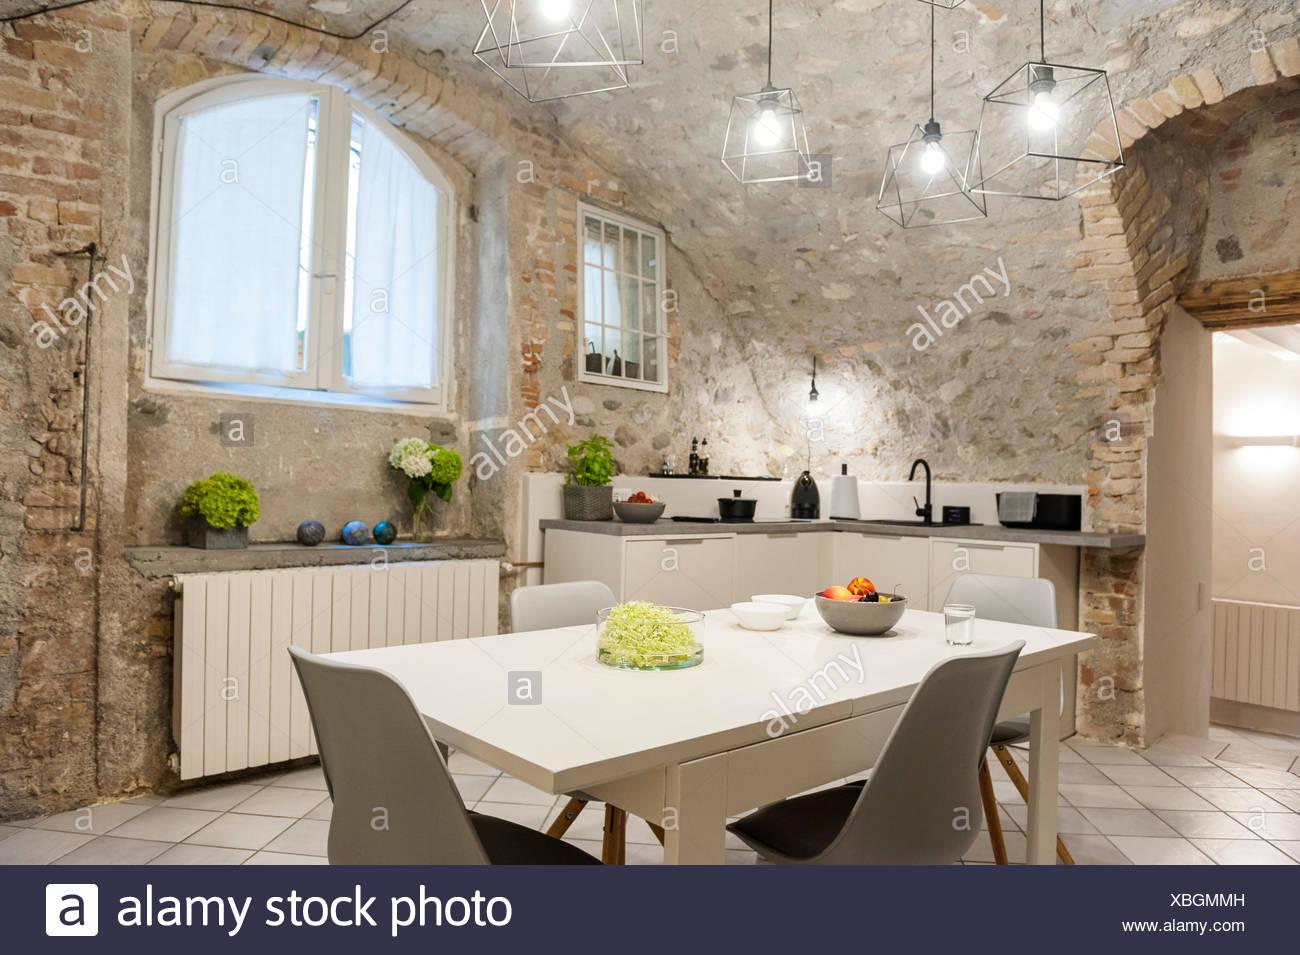 Intérieur de cuisine moderne dans maison ancienne en pierre ...